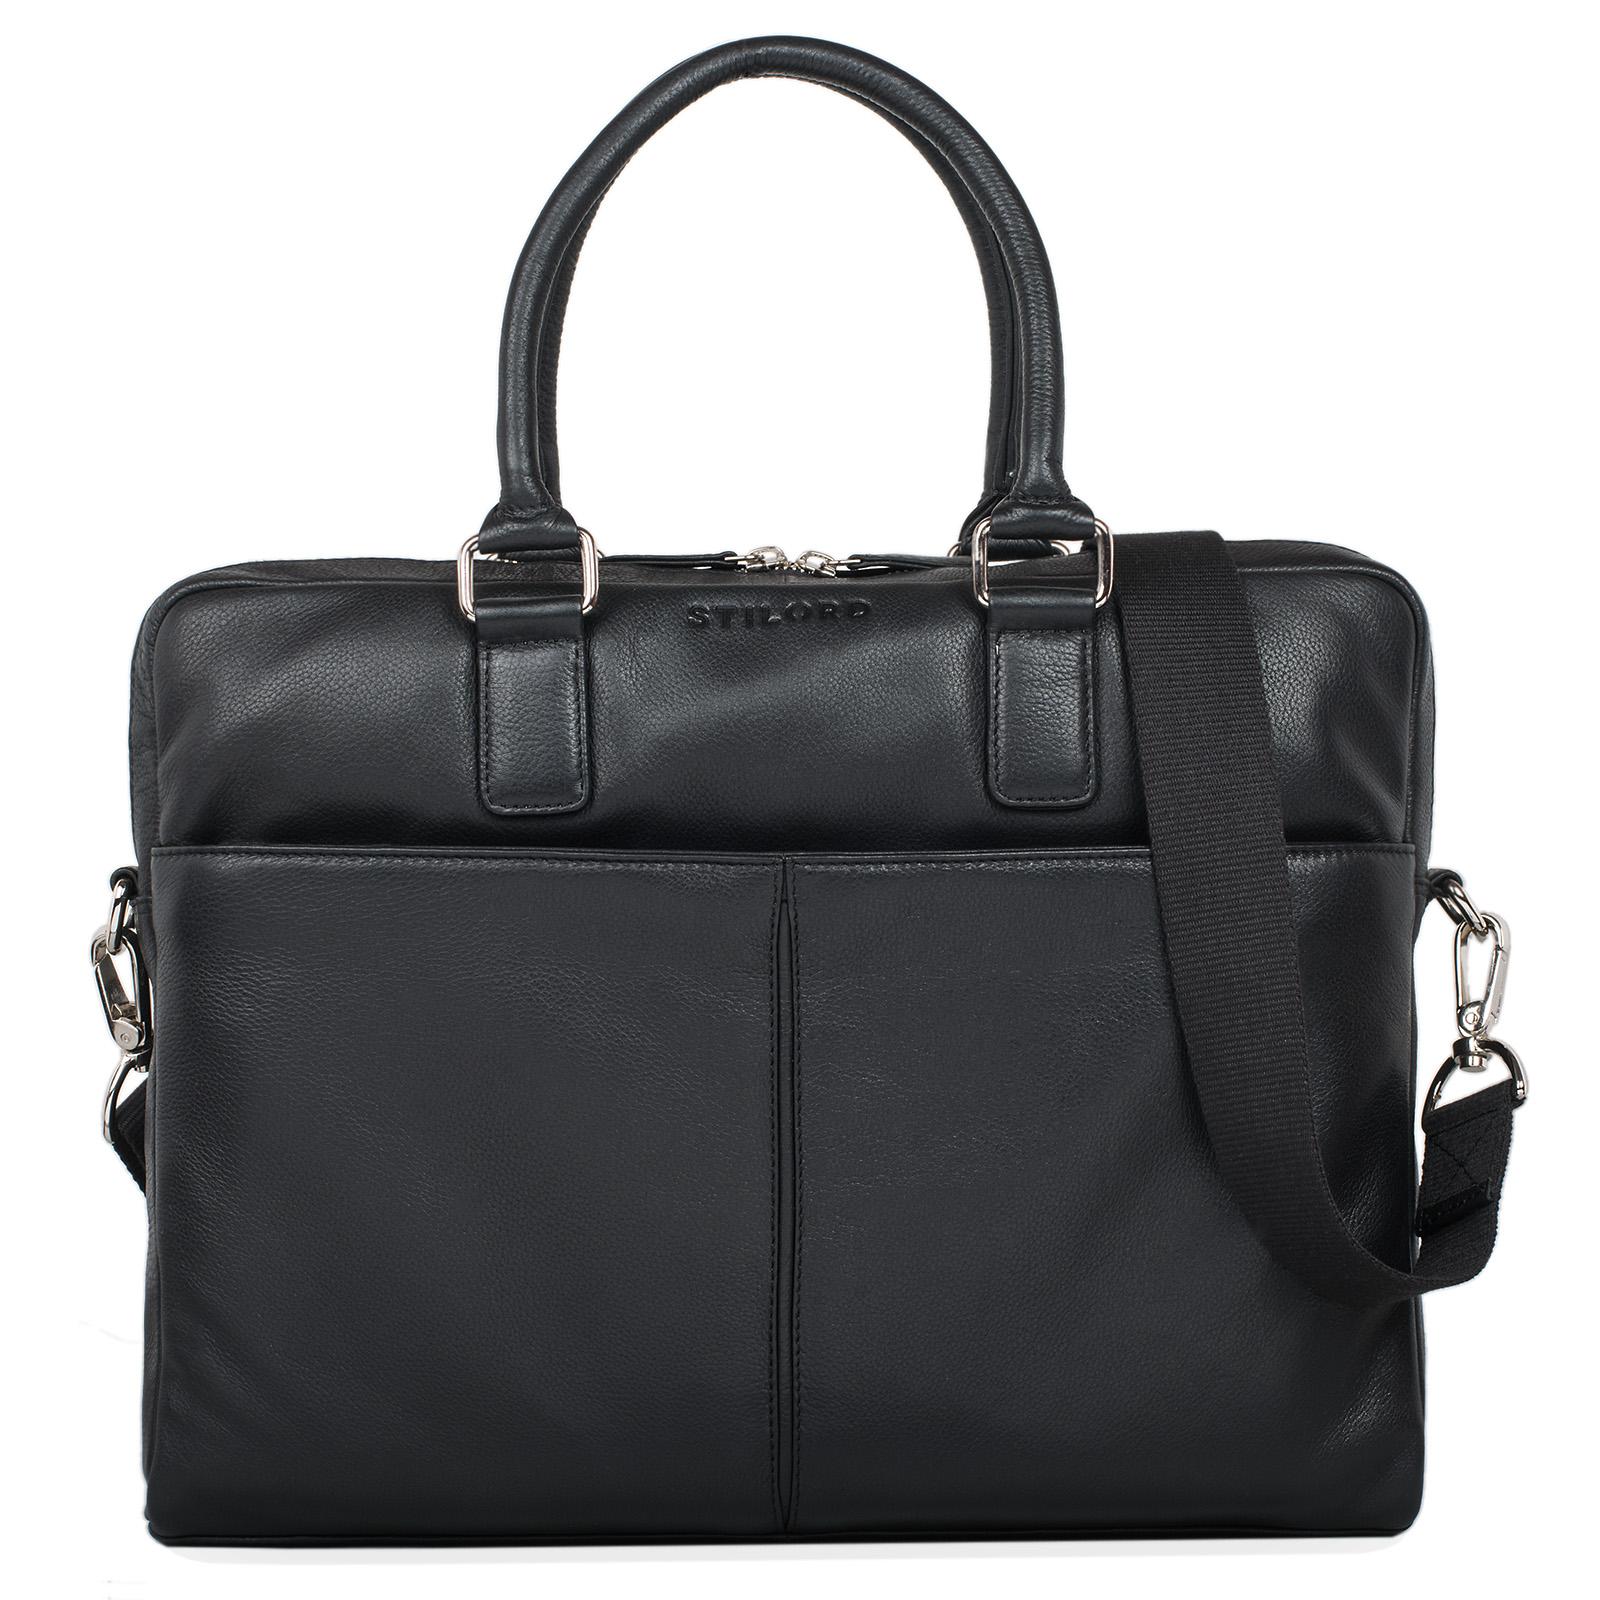 """STILORD """"Emilio"""" Umhängetasche Leder Vintage groß Schultertasche elegante Handtasche für Büro Business Arbeit Laptop 13.3 Zoll Aktentasche DIN A4 - Bild 8"""